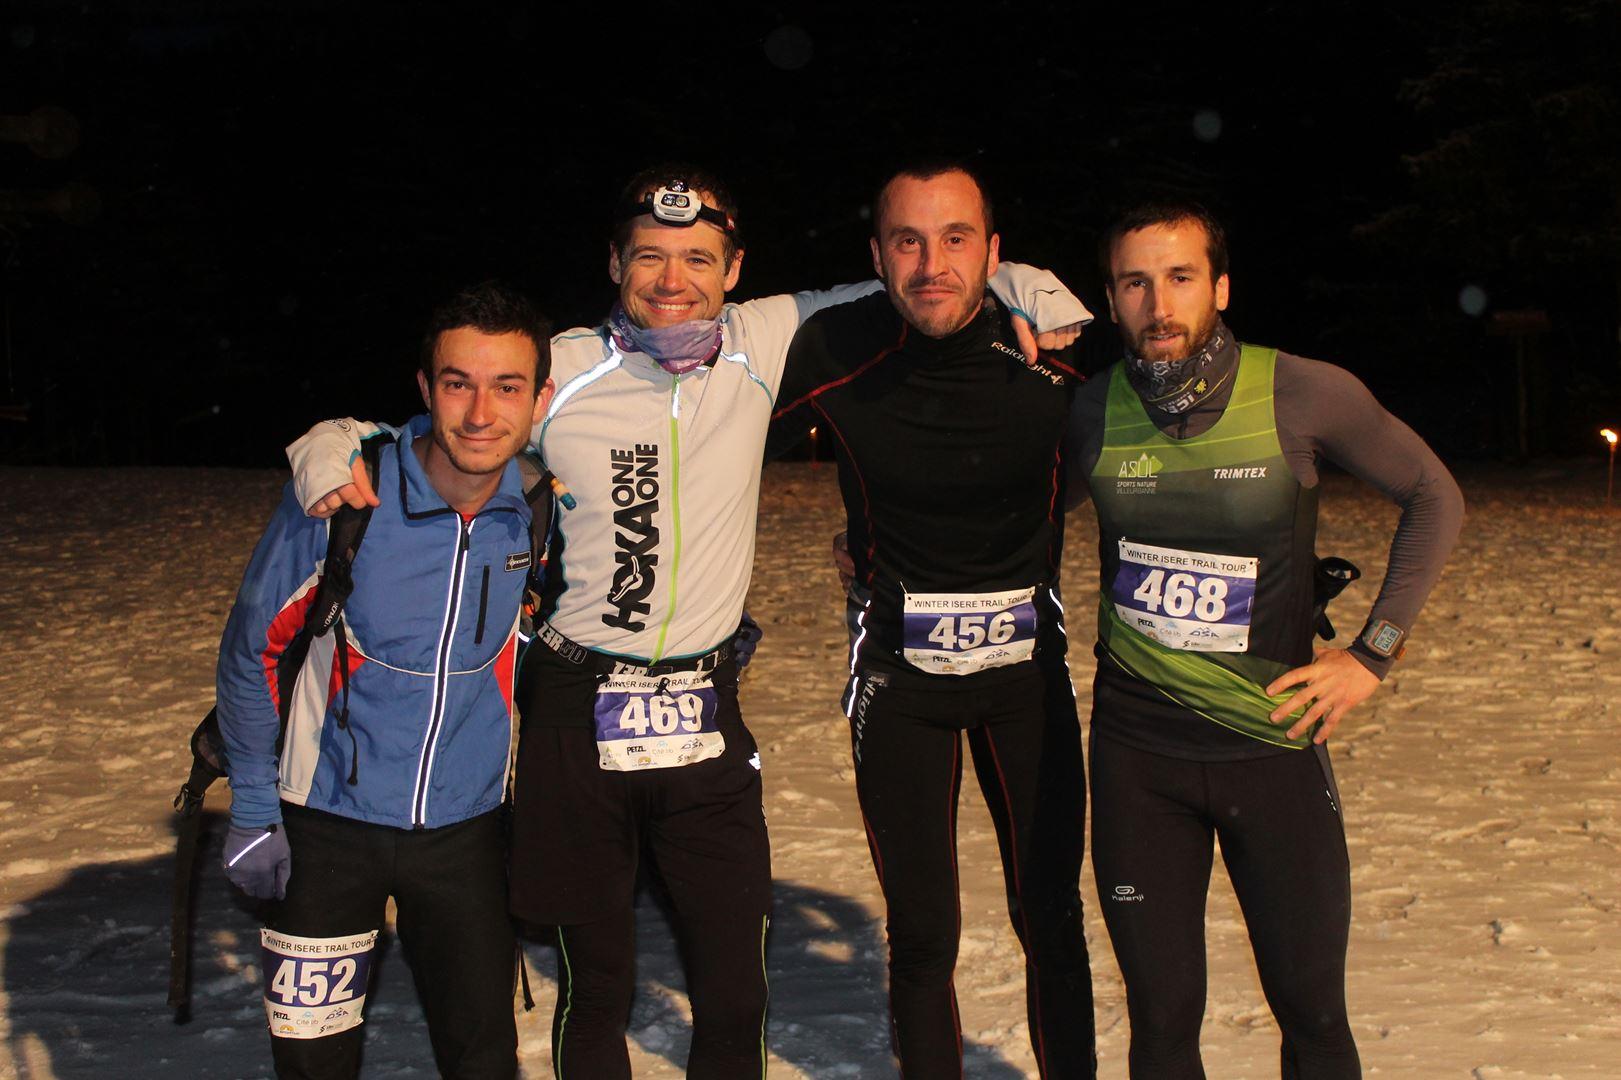 les premiers hommes du 8km à larrivée - RESULTATS , COMMENTAIRES ET PHOTOS DU TRAIL BLANC DE LANS EN VERCORS (38) 04-03-2017